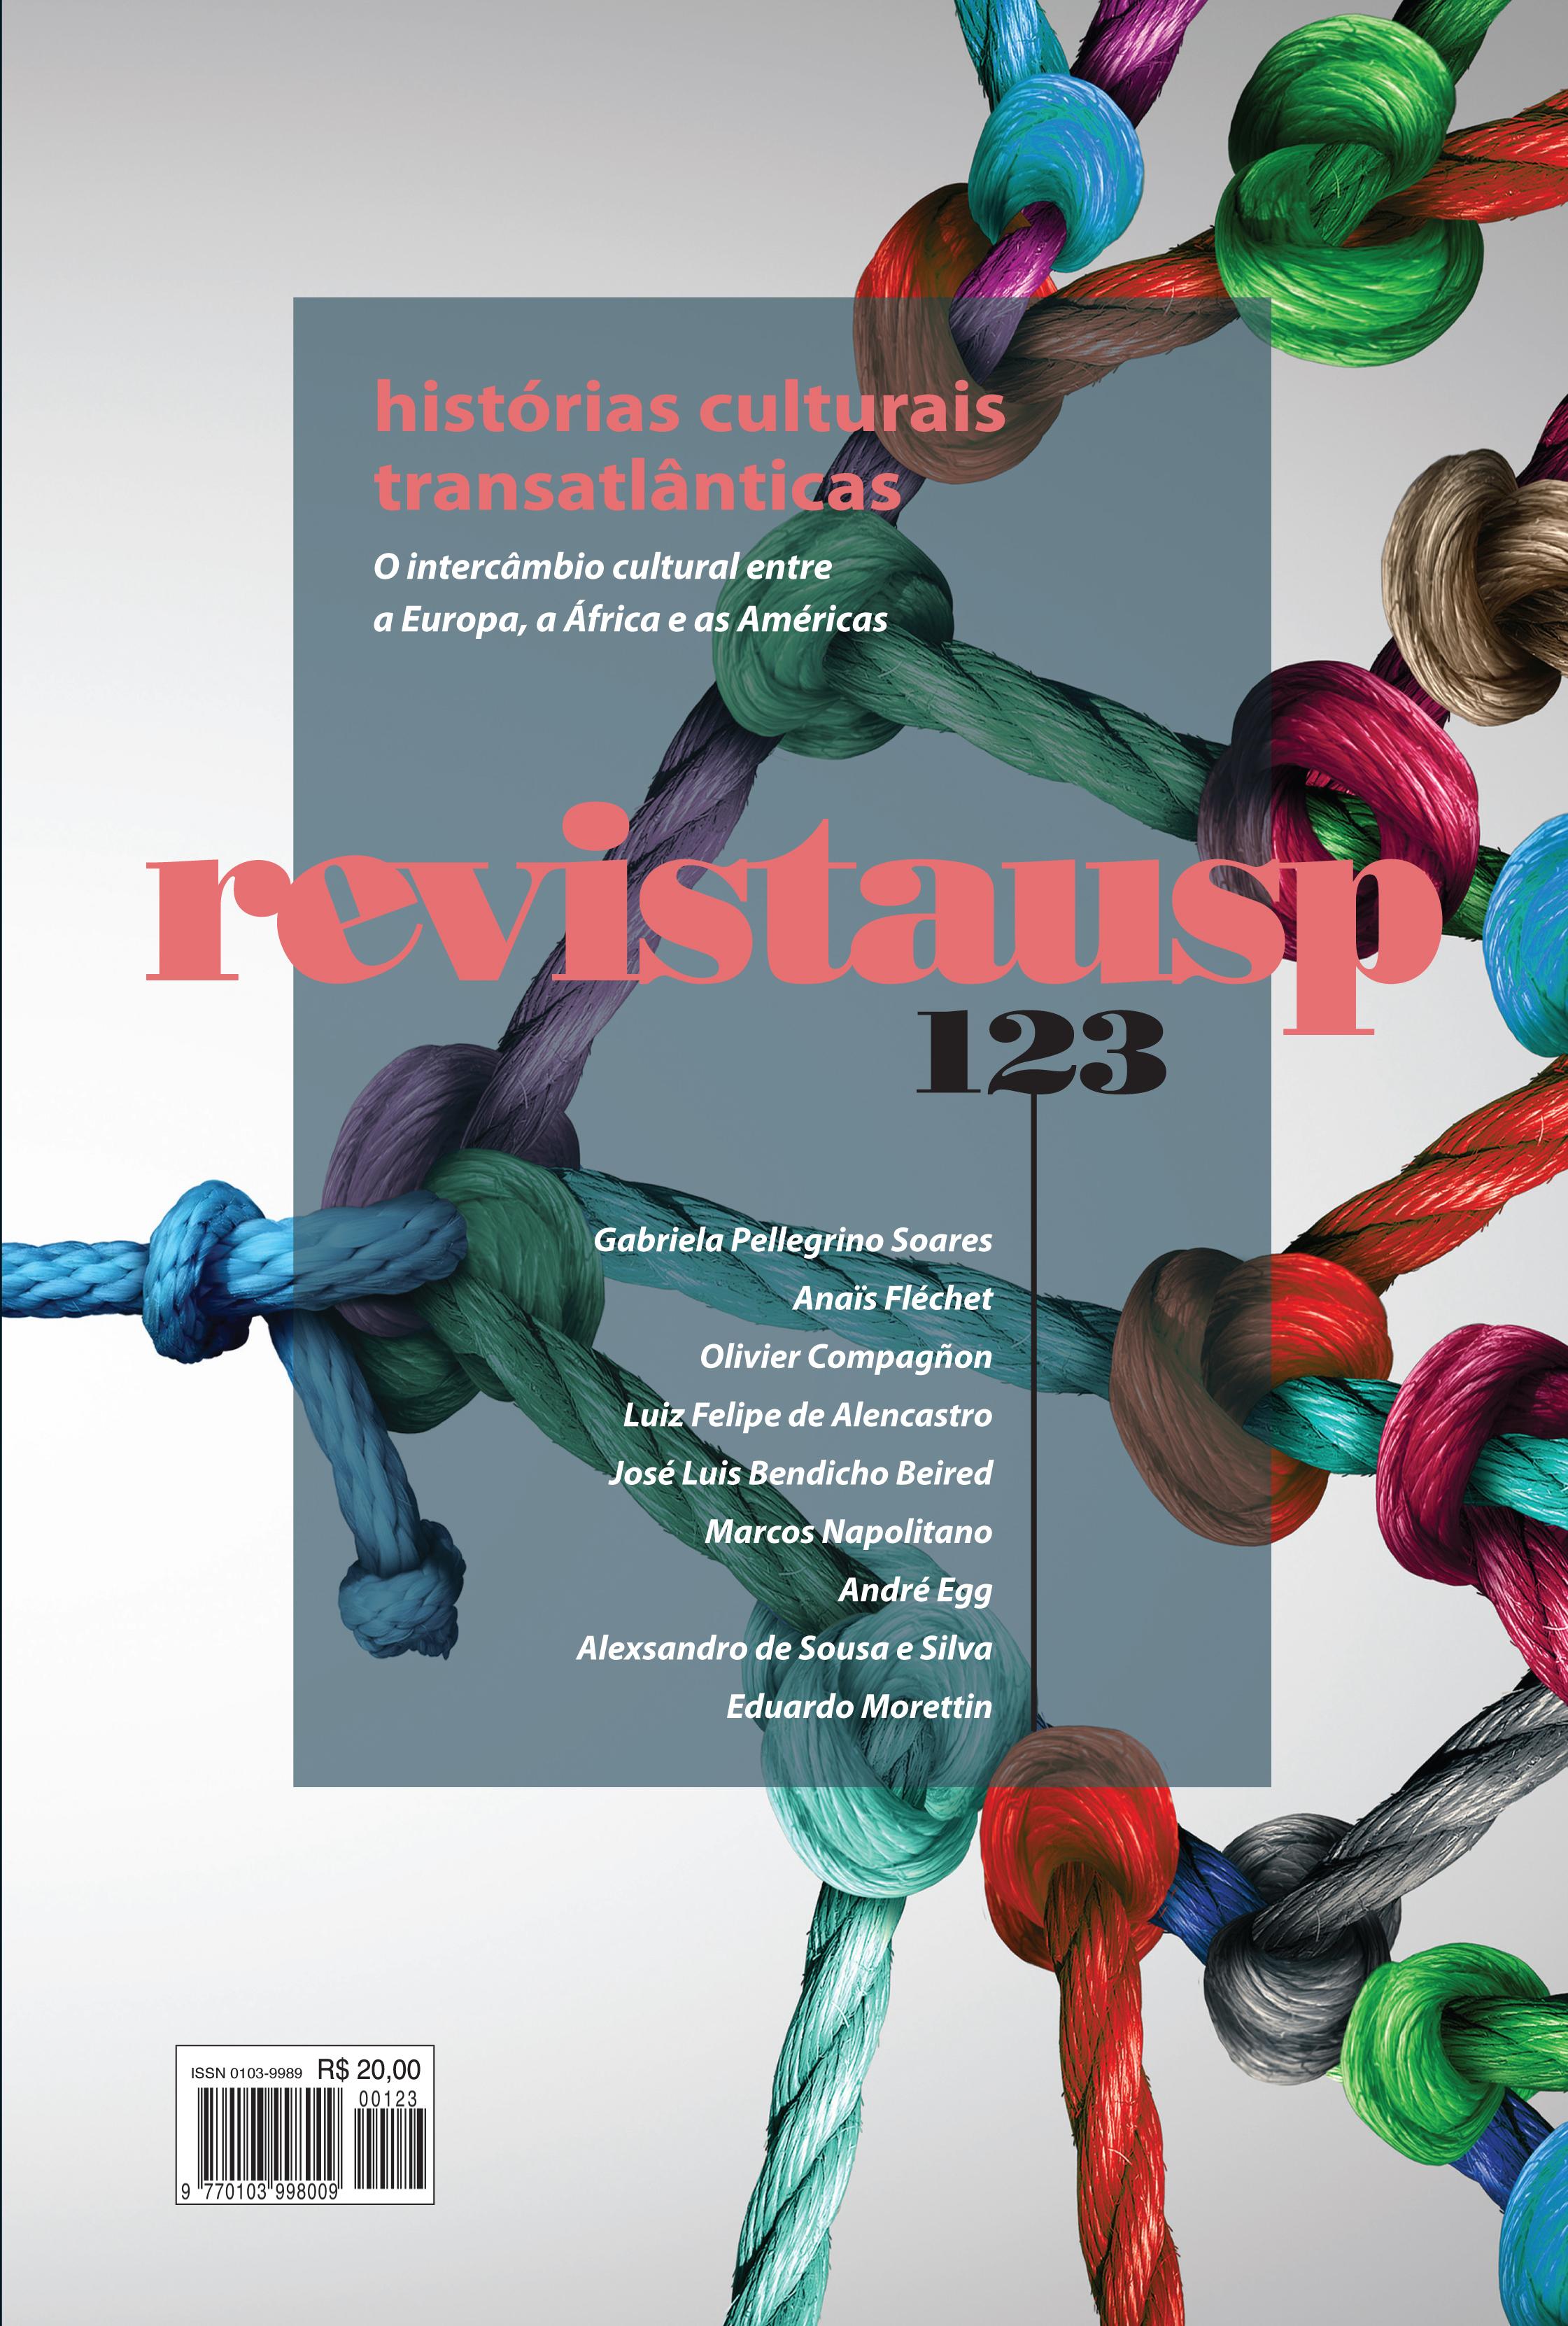 Visualizar n. 123 (2019): dossiê histórias culturais transatlânticas